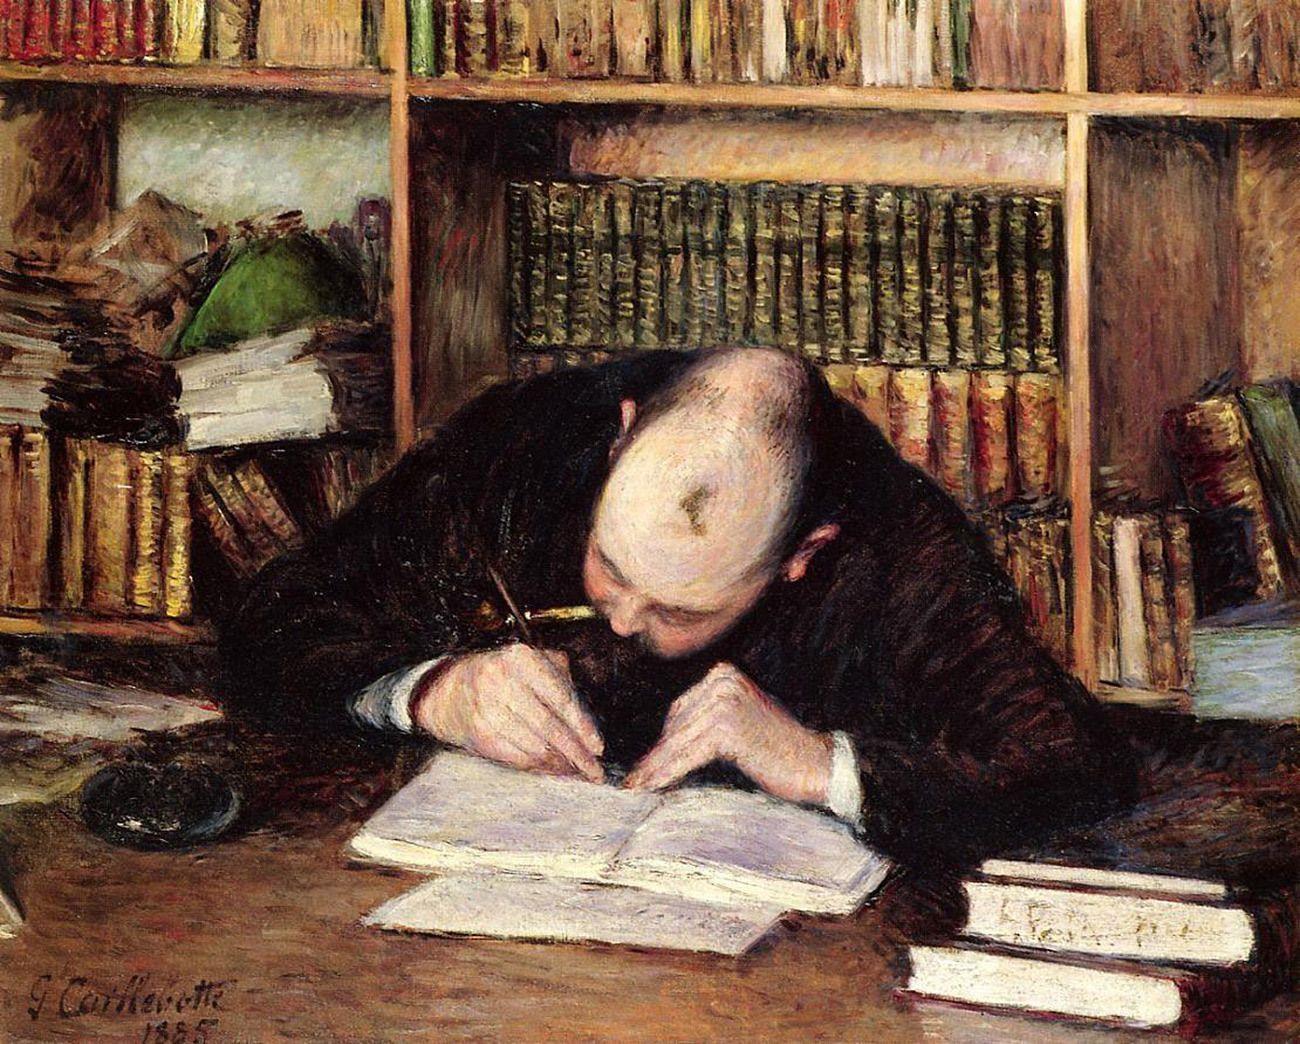 Gustave Caillebotte, Portrait de E.-J. Fontaine, Libraire - 1885